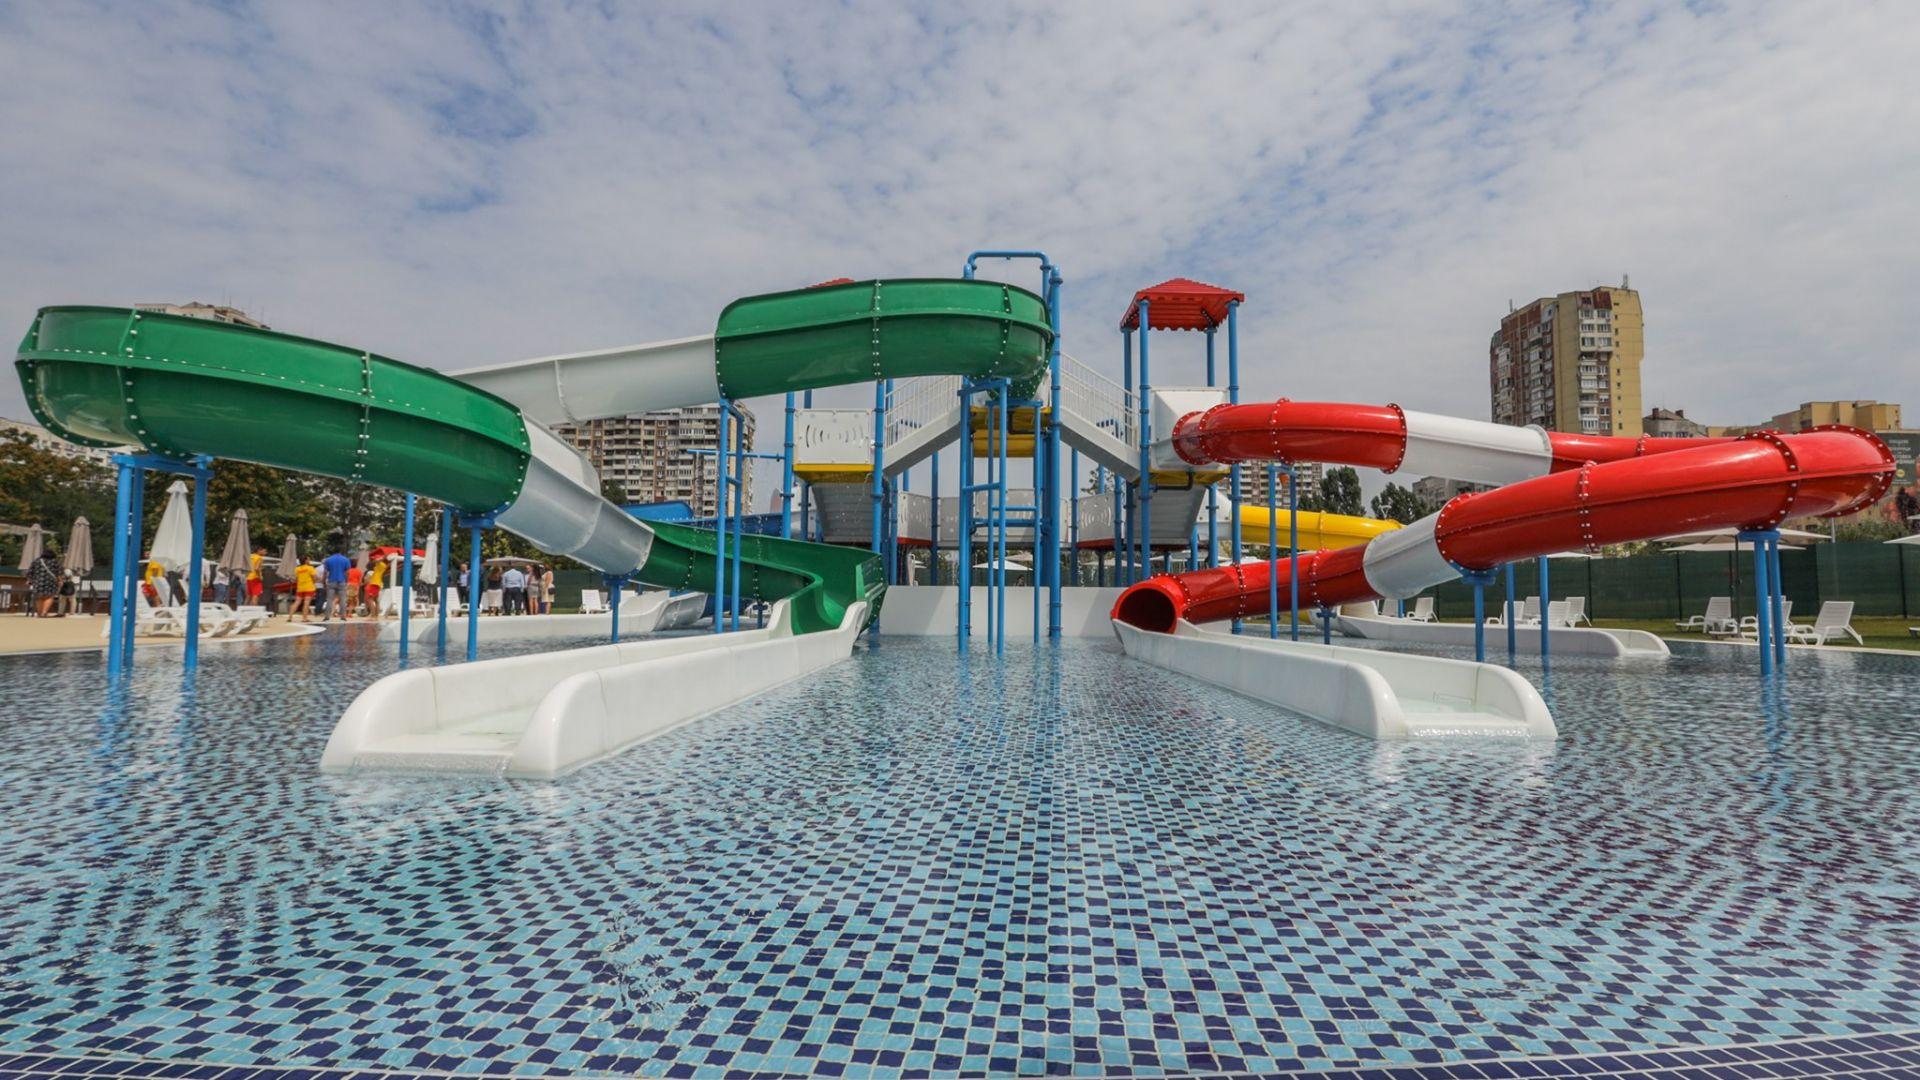 Първият аквапарк в София отваря врати (снимки)